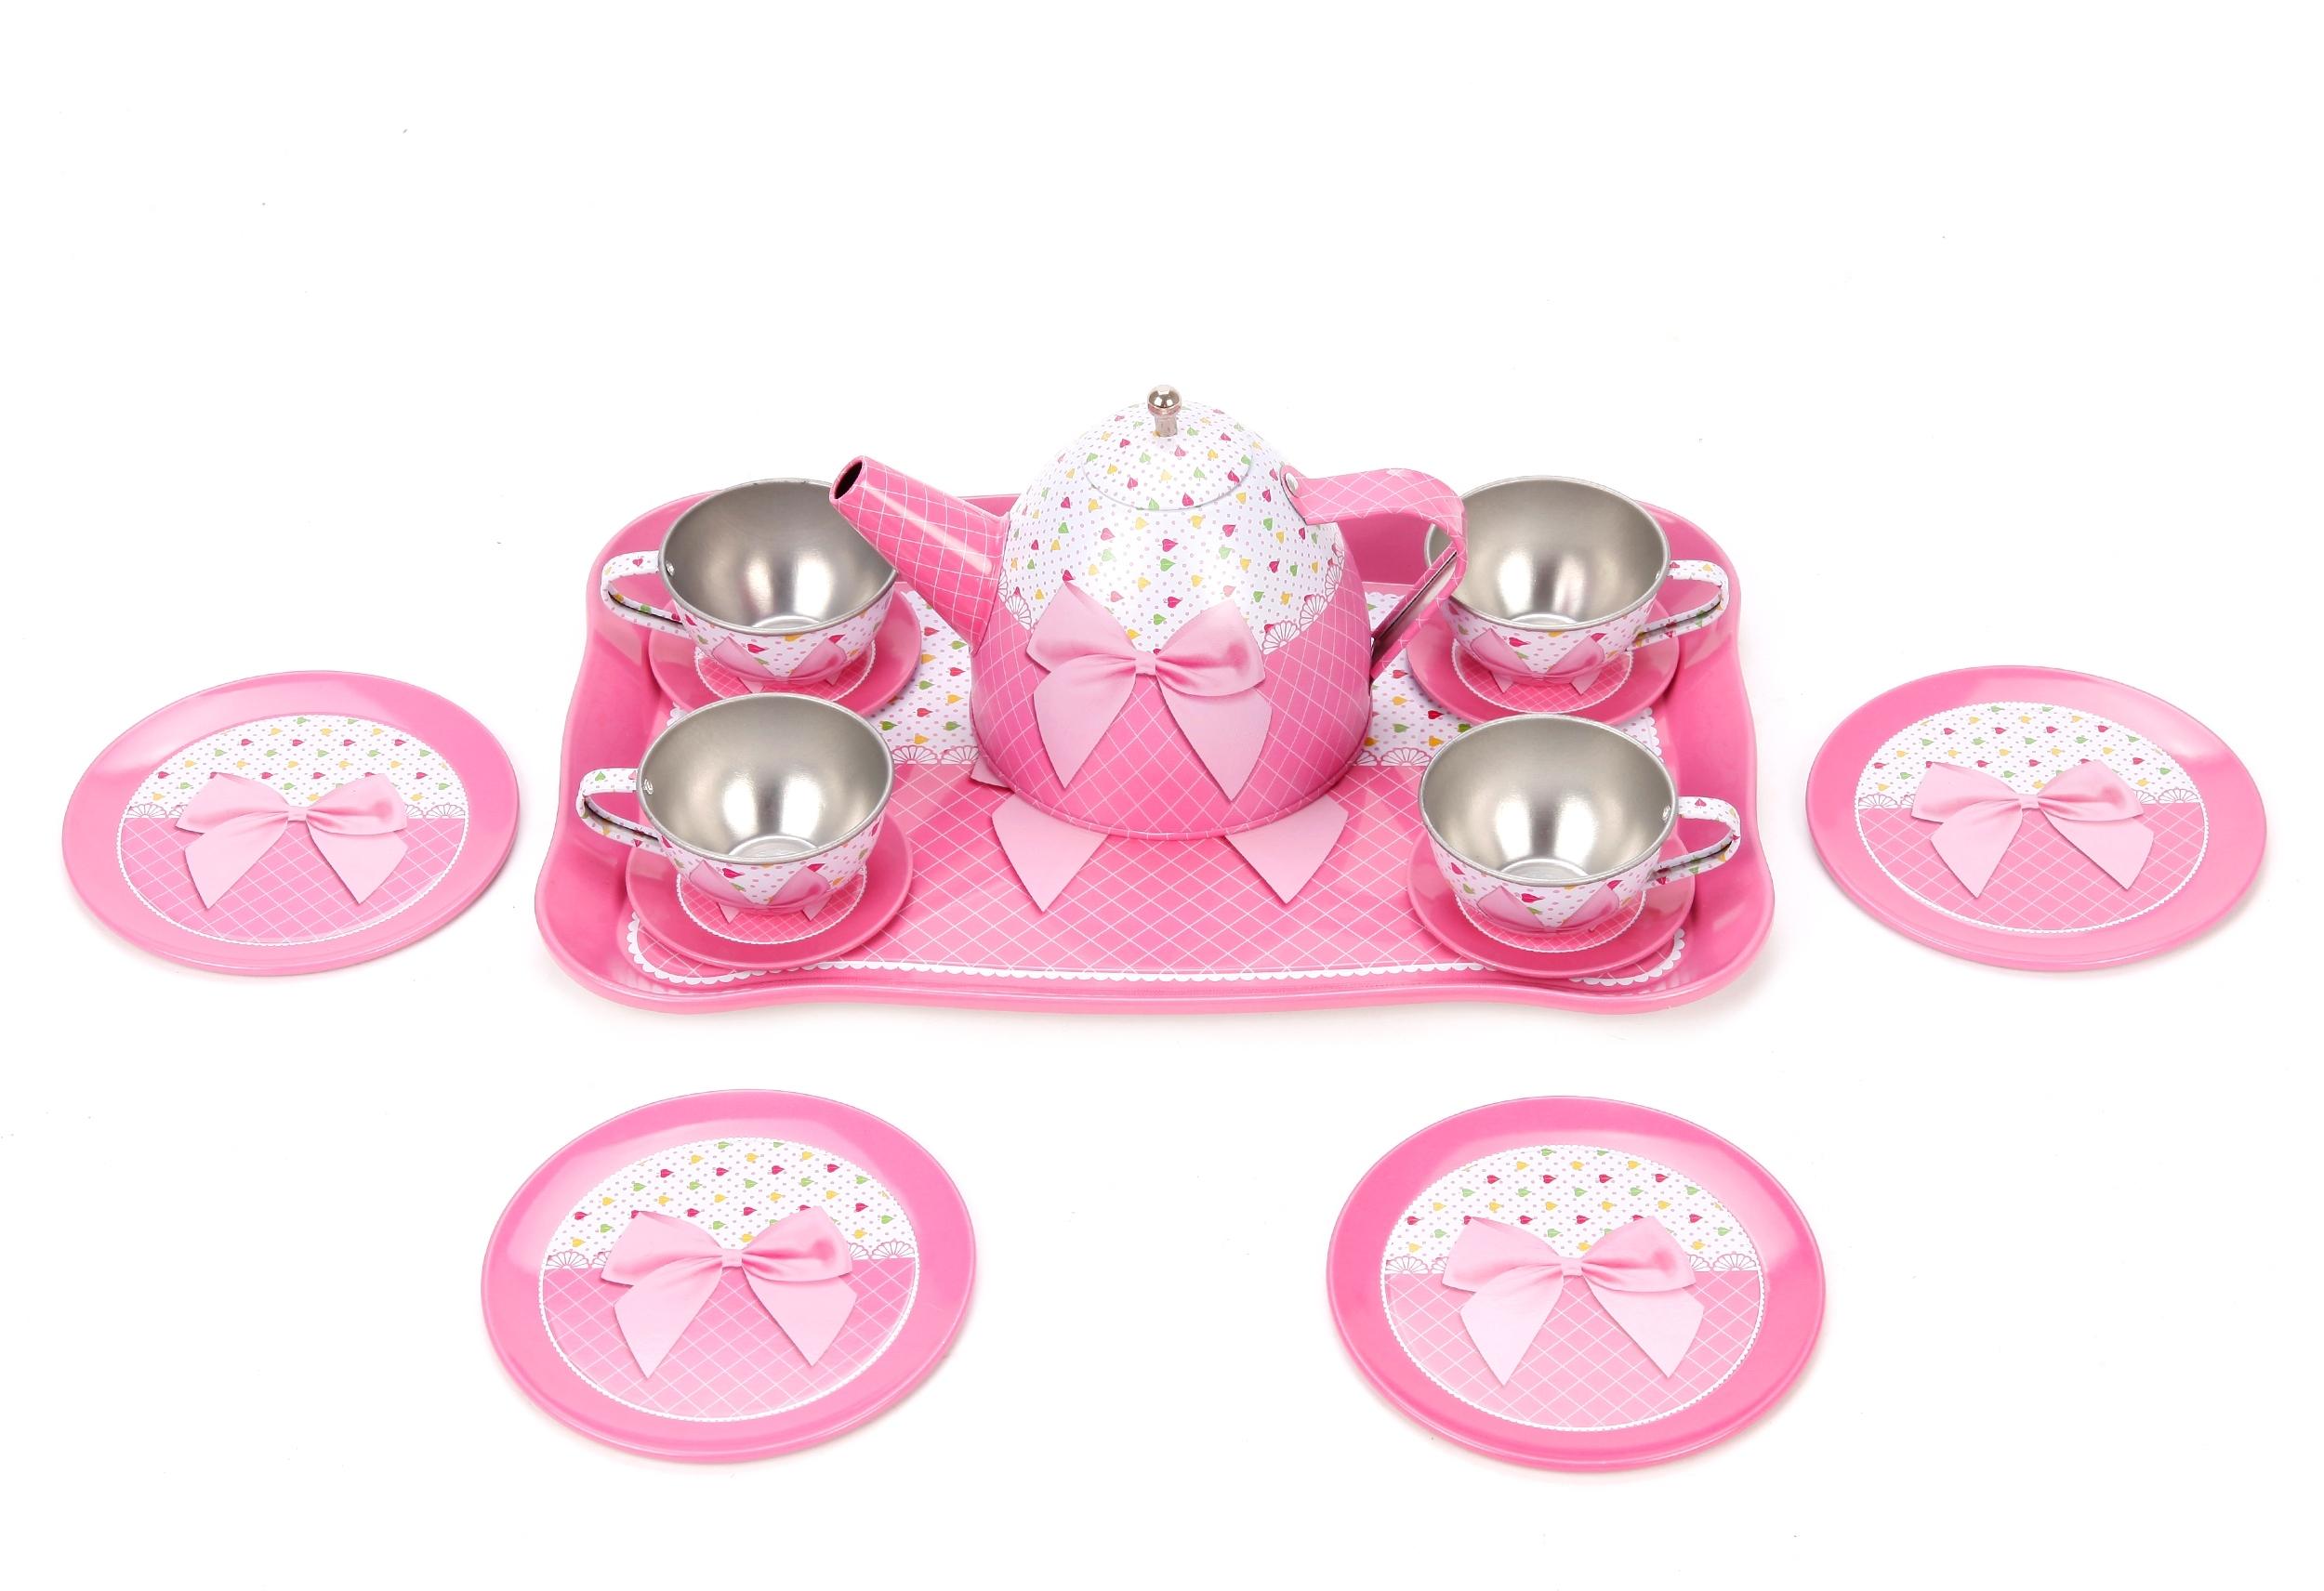 Посуда и наборы продуктов Mary Poppins Розовый бант цена